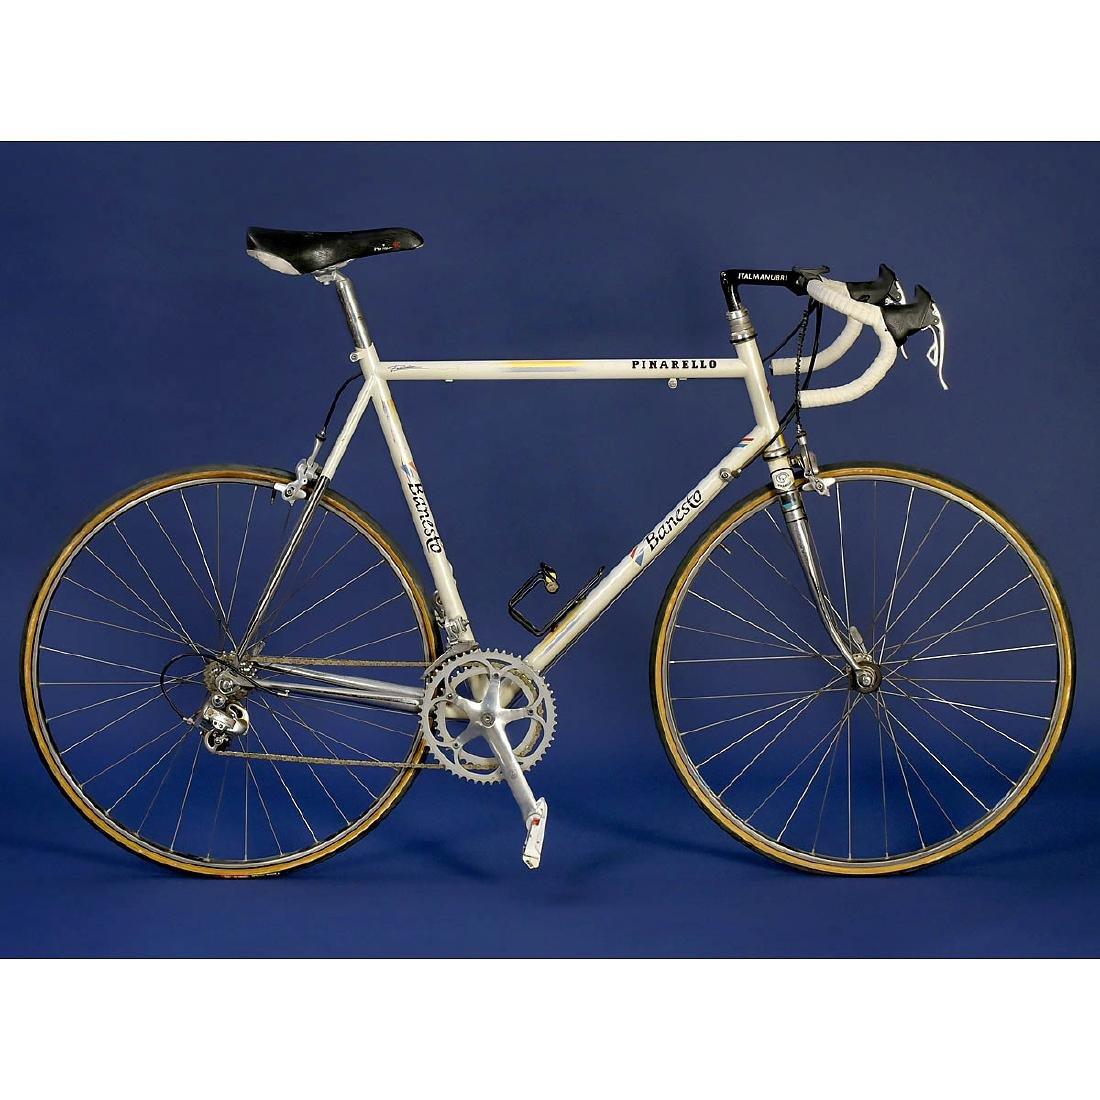 Miguel Indurain's Tour de France Bicycle, 1995